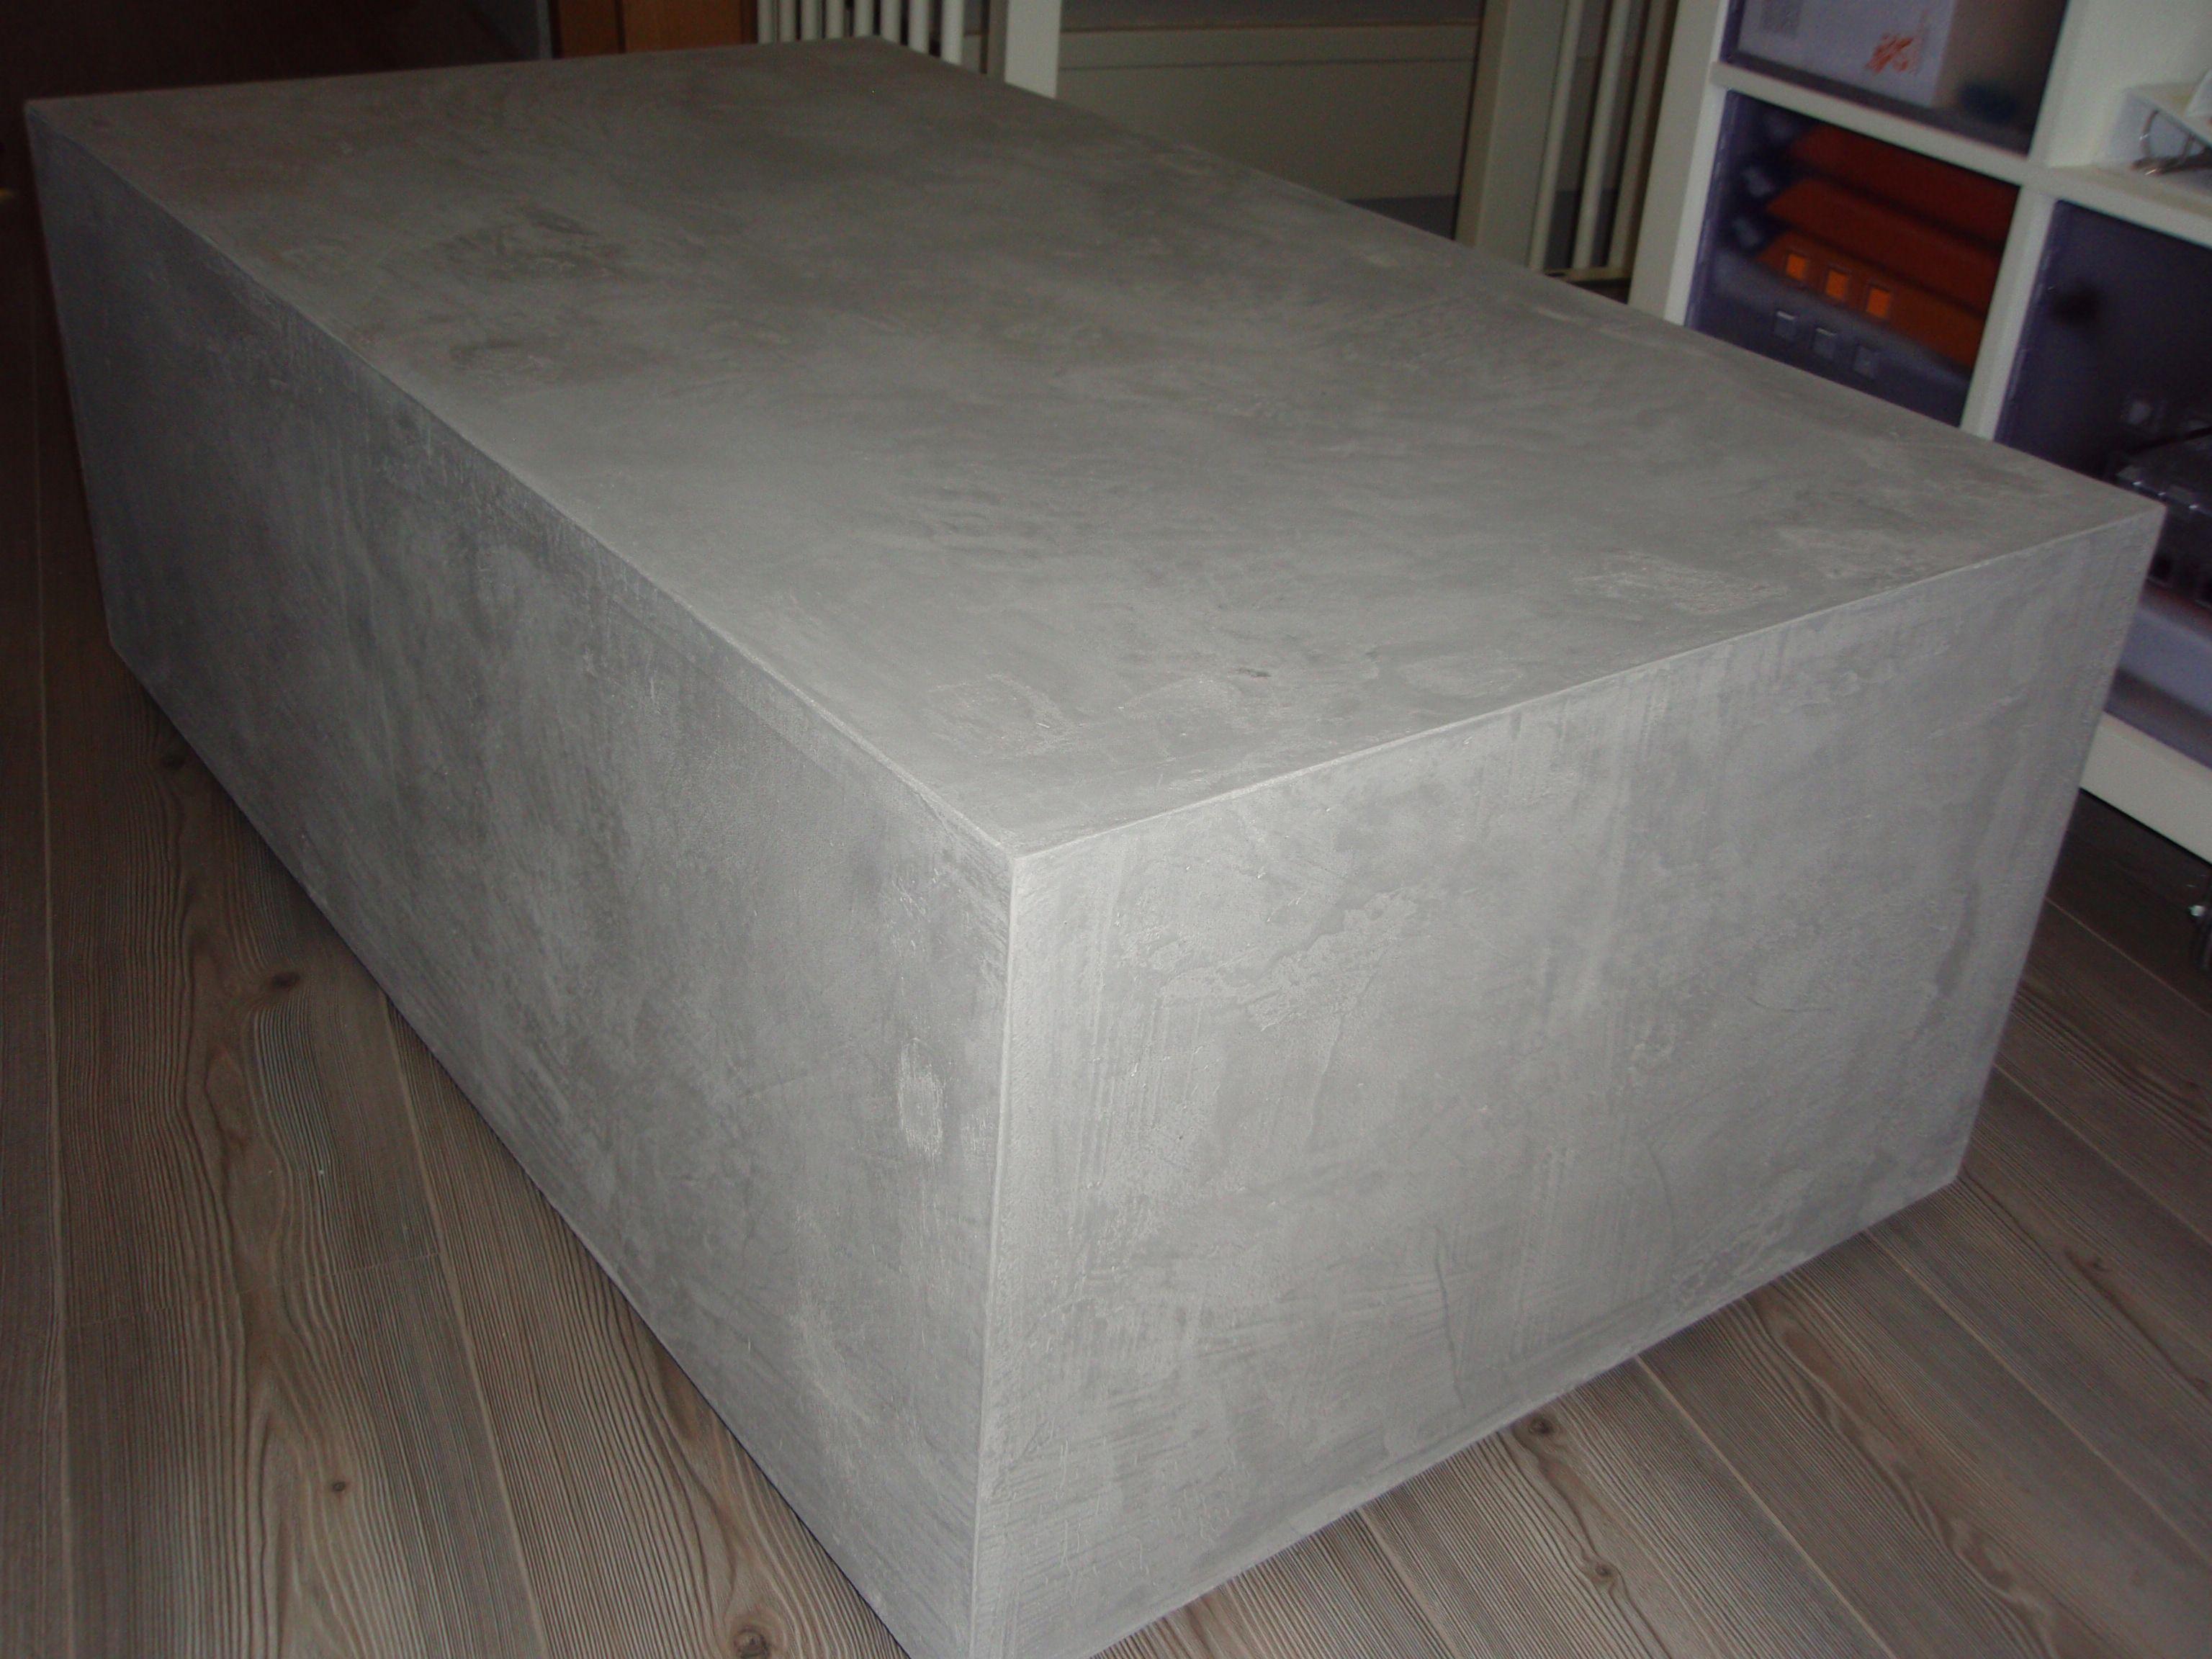 eigen werk beton cire over mdf beton cirà pinterest